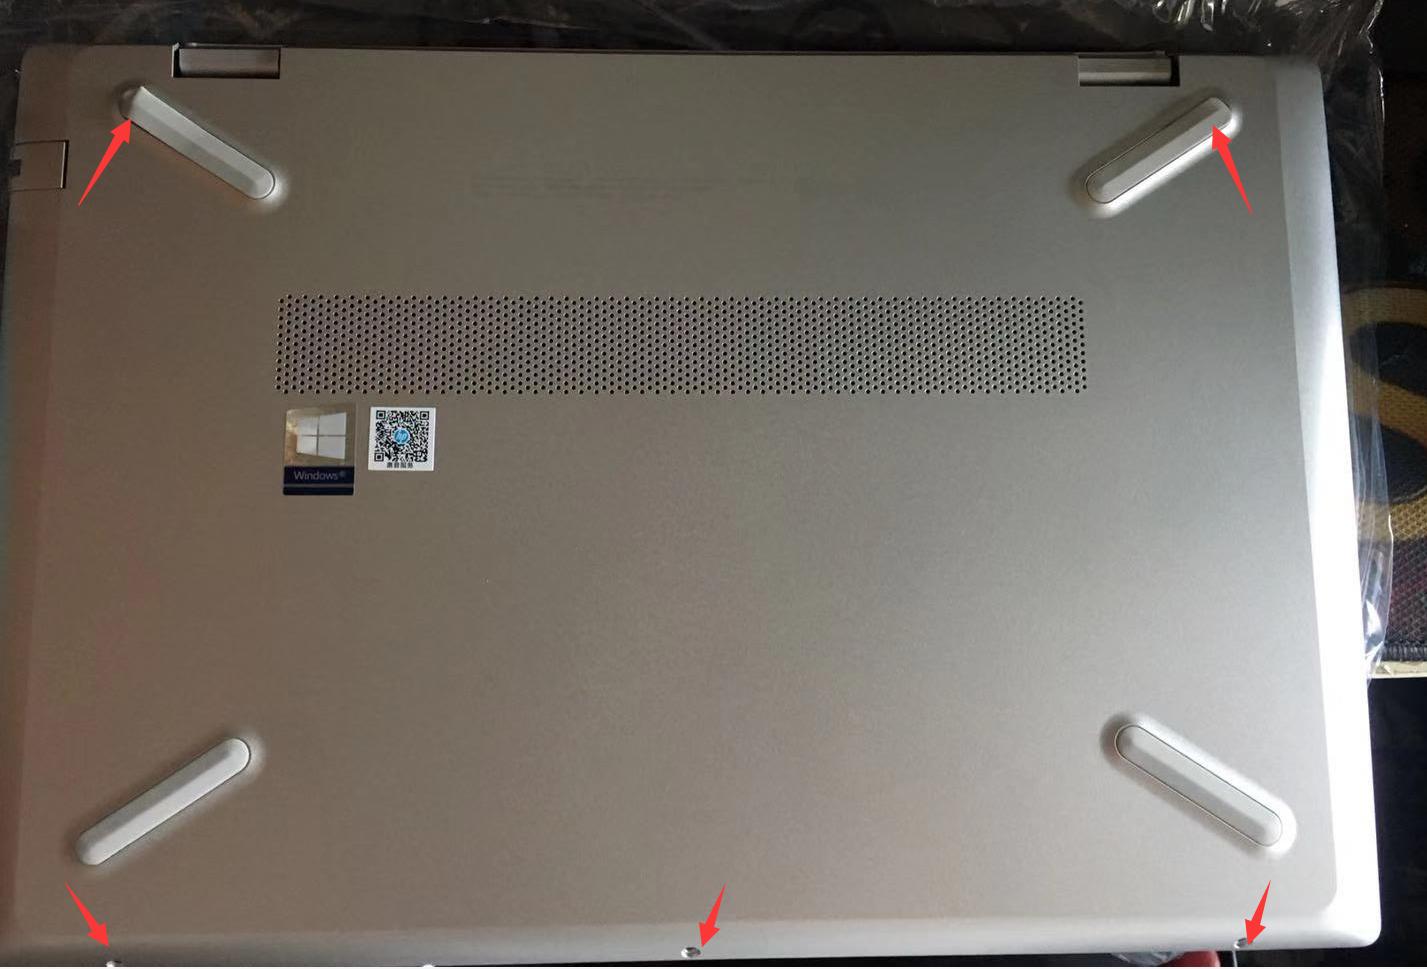 【视频】惠普星系列 星14-CE2016TX  14-CE2xxx系列 笔记本 拆机升级加装内存固态机械硬盘视频教程